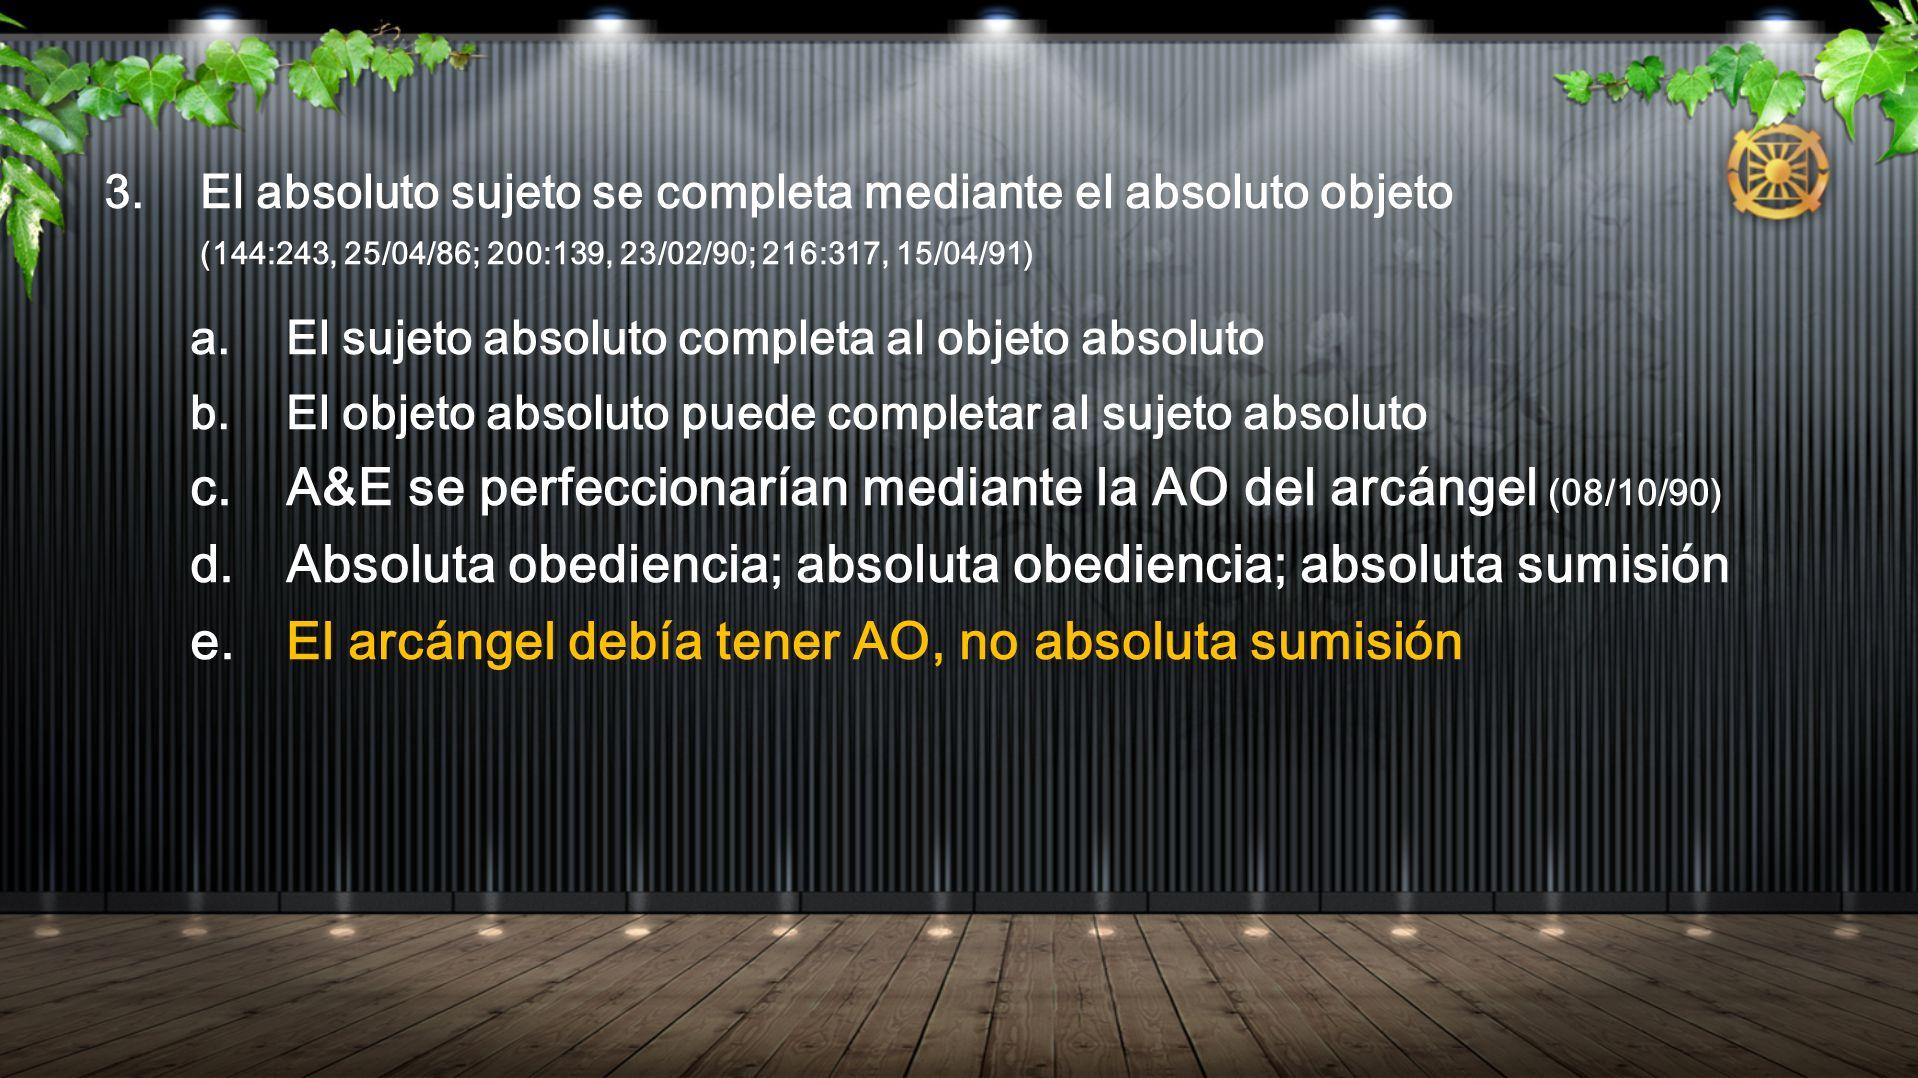 3. El absoluto sujeto se completa mediante el absoluto objeto (144:243, 25/04/86; 200:139, 23/02/90; 216:317, 15/04/91) a. El sujeto absoluto completa